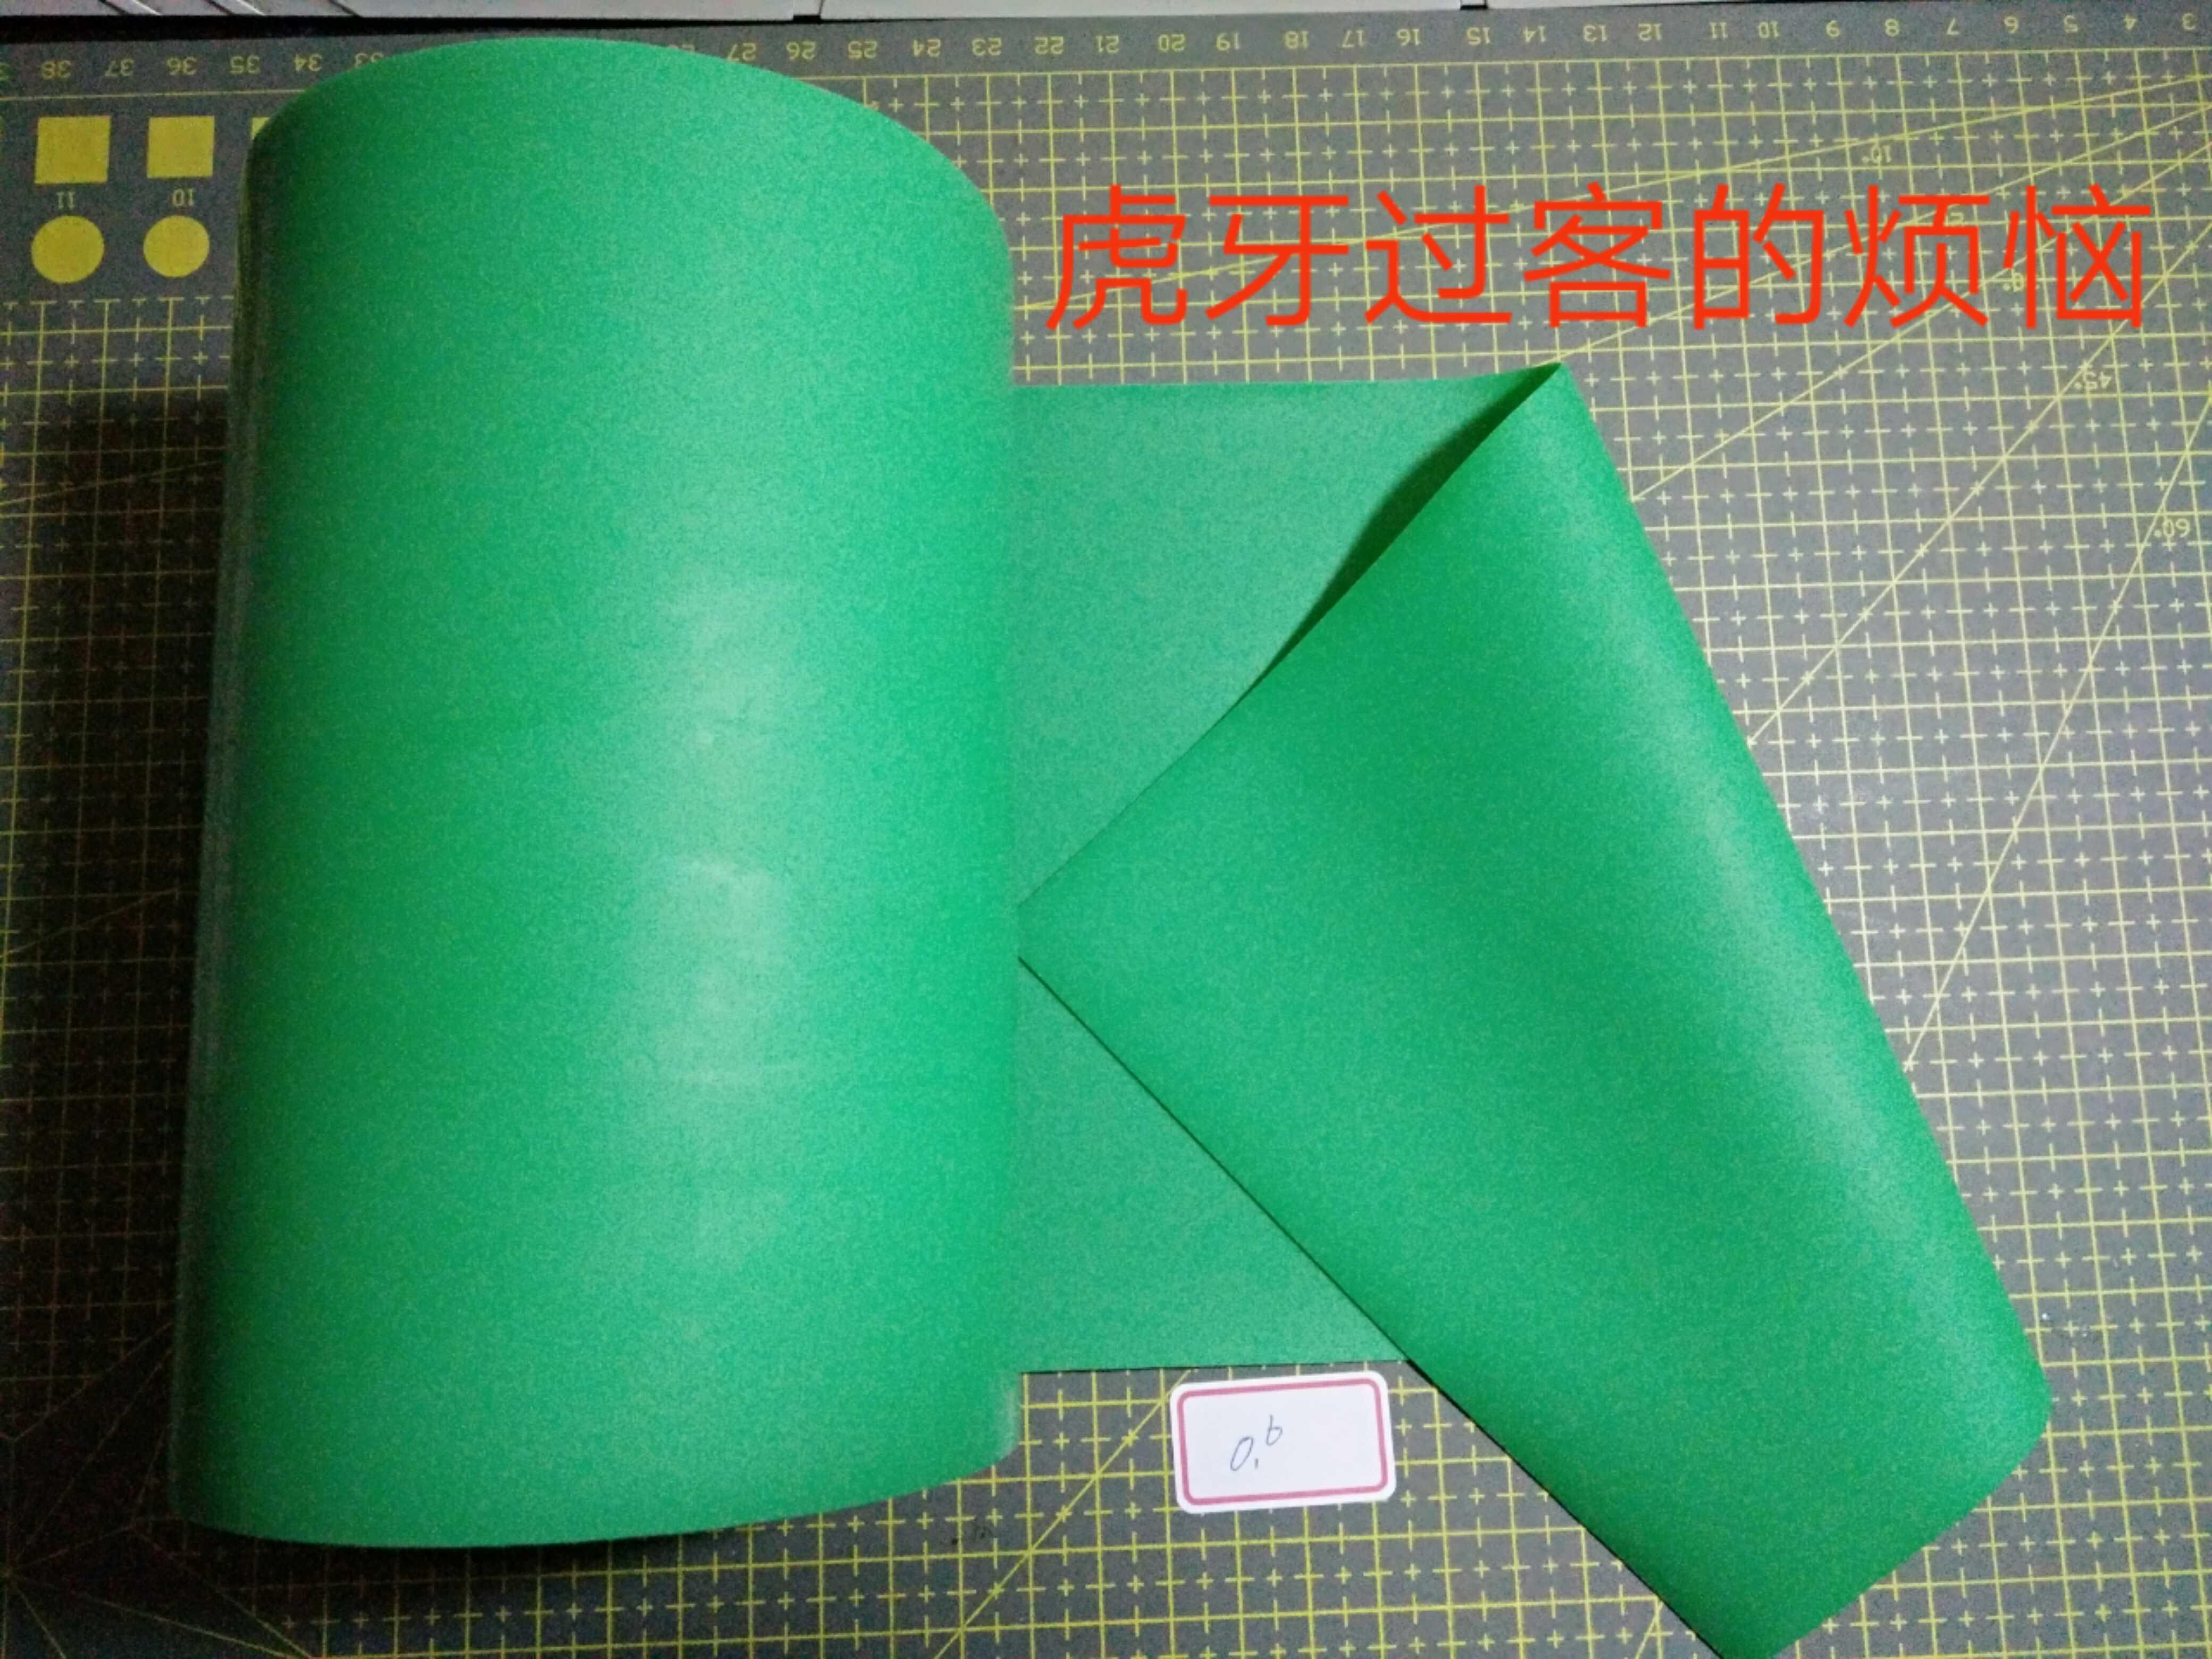 Плоская кожа 0,6 юаня за метр 26 юаней полный 10 метров бесплатная доставка по китаю